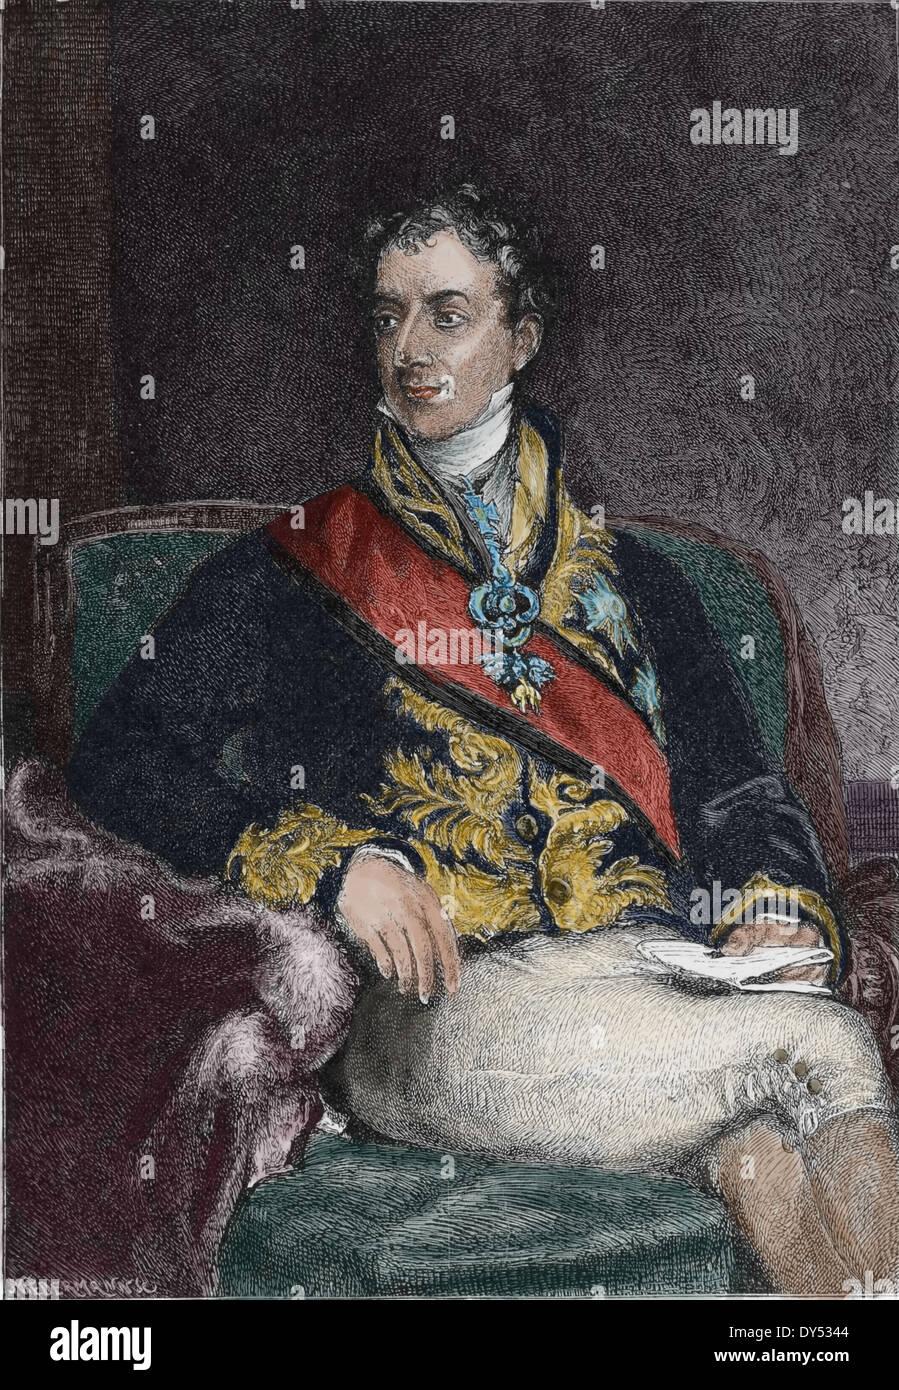 Klemens von Metternich (1773-1859). Austrian politician - Stock Image